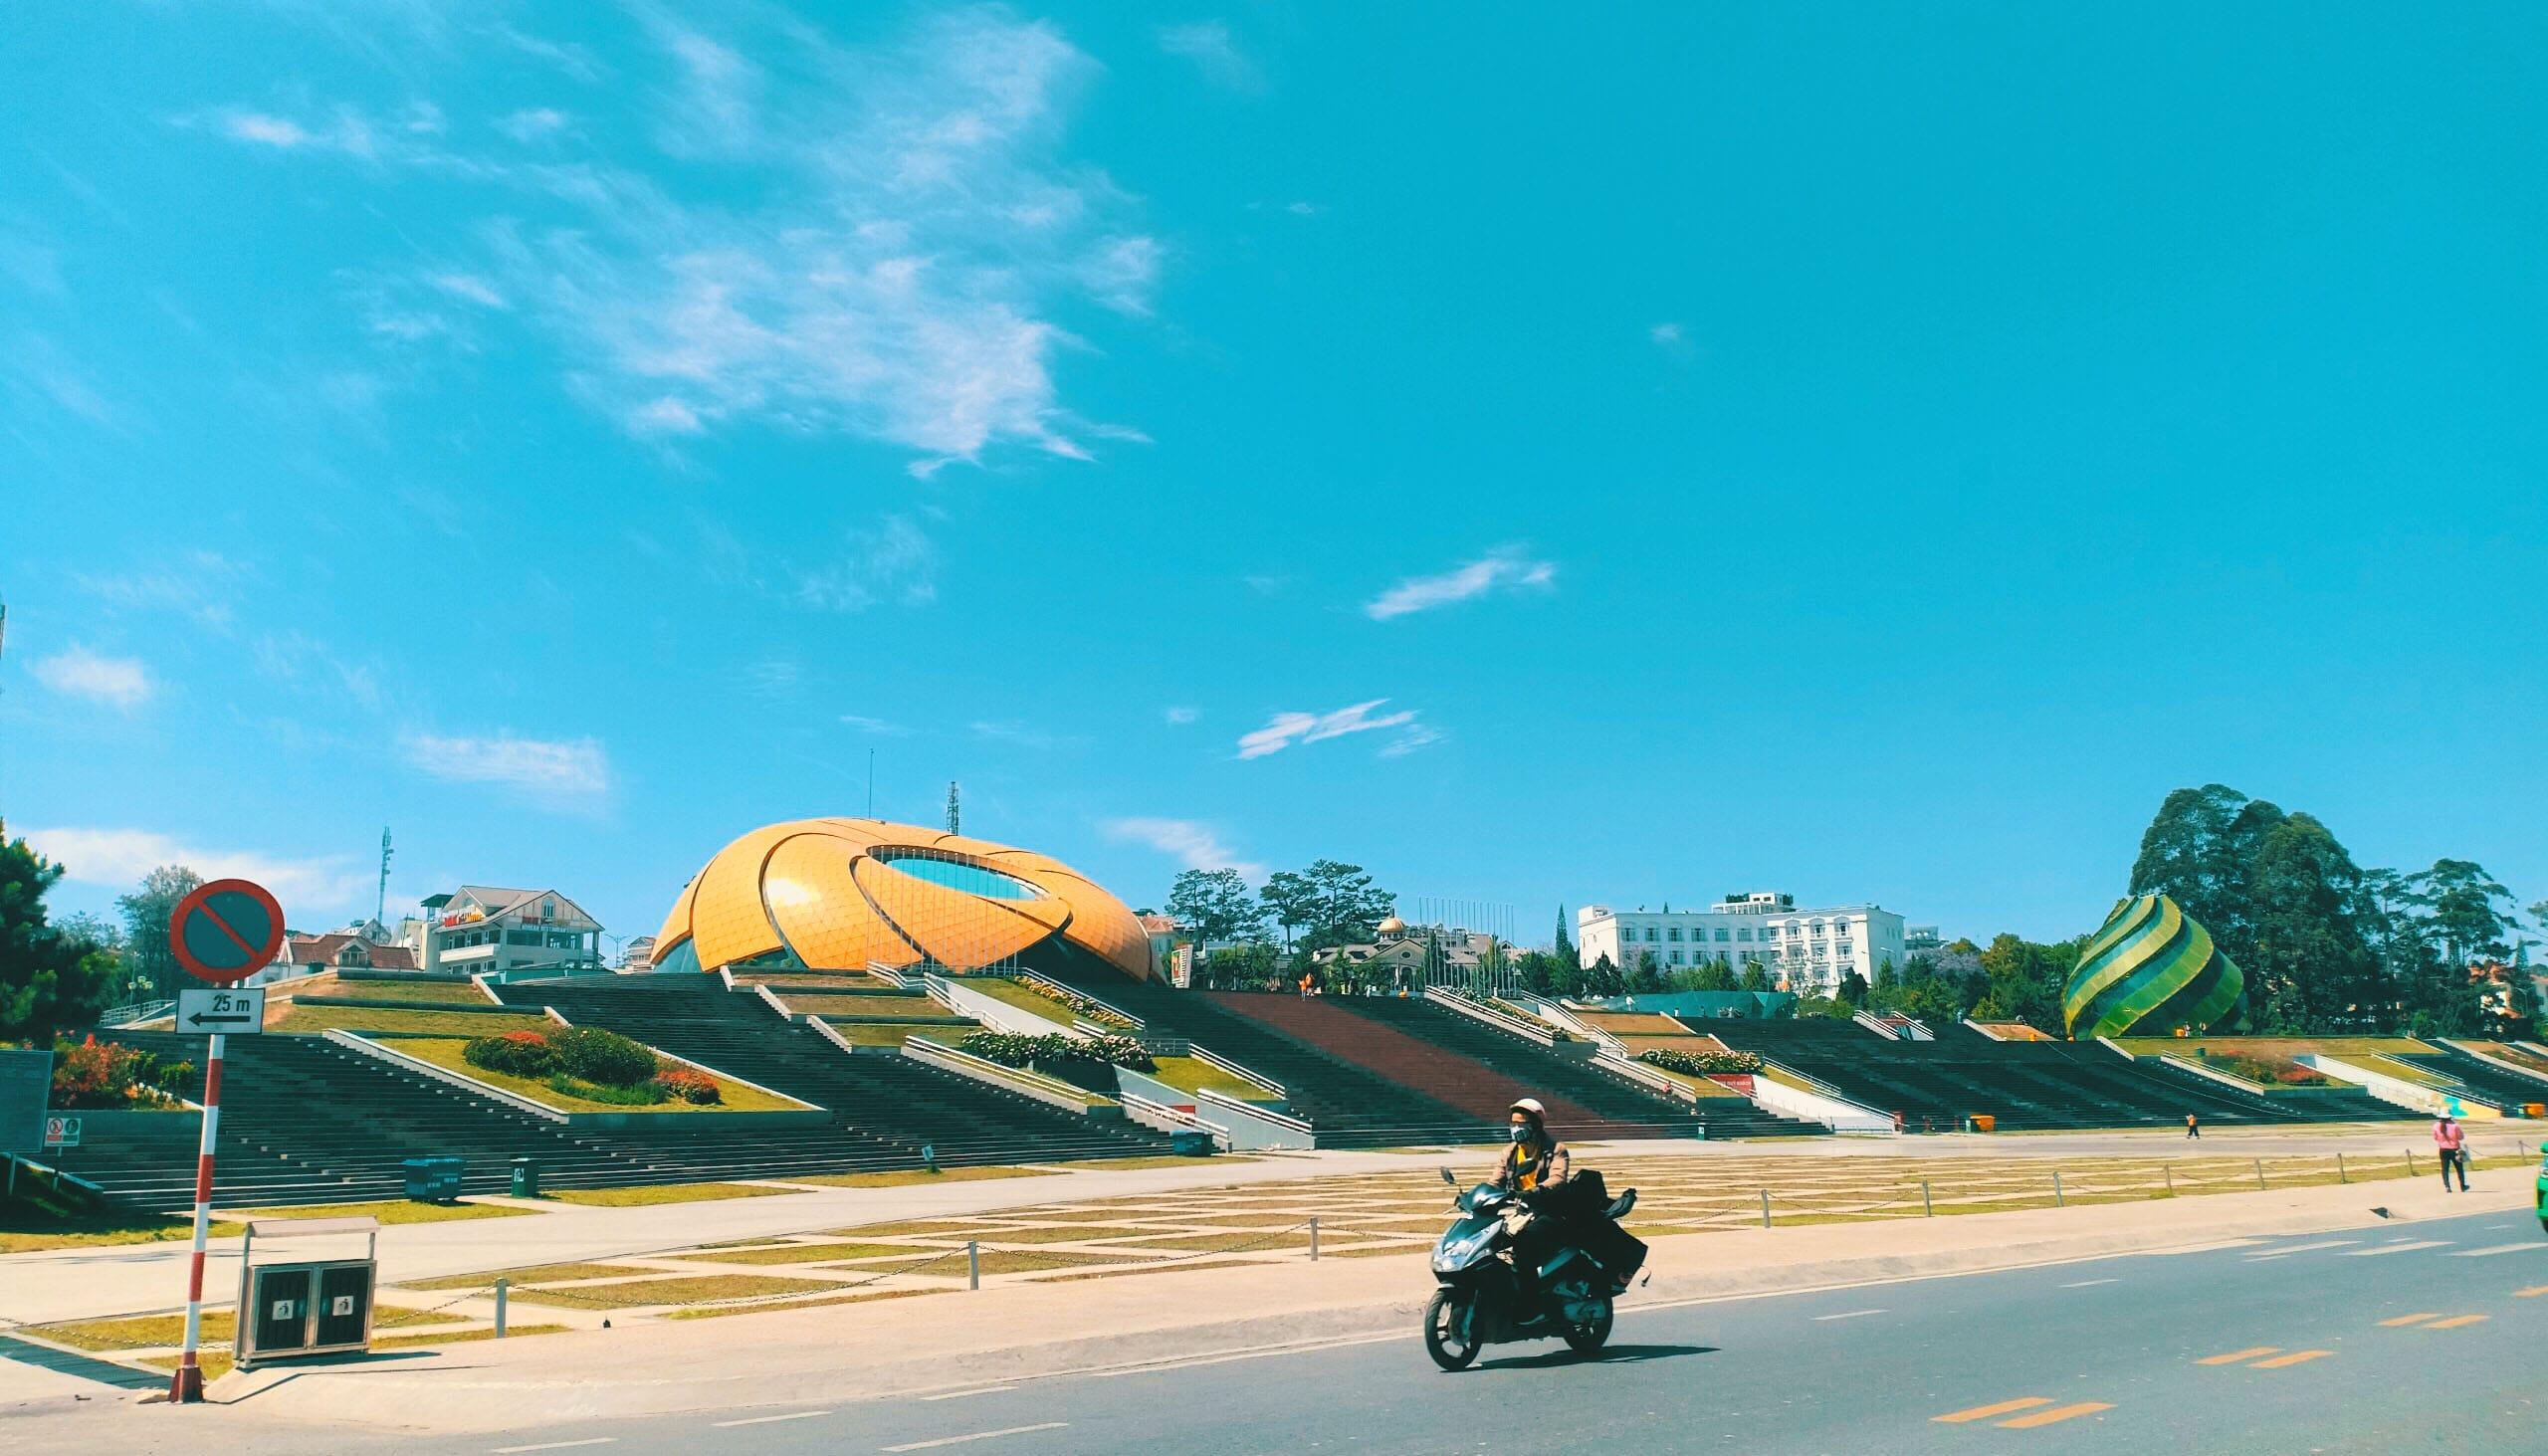 Quảng trường Lâm Viên - Vắng khách mùa dịch